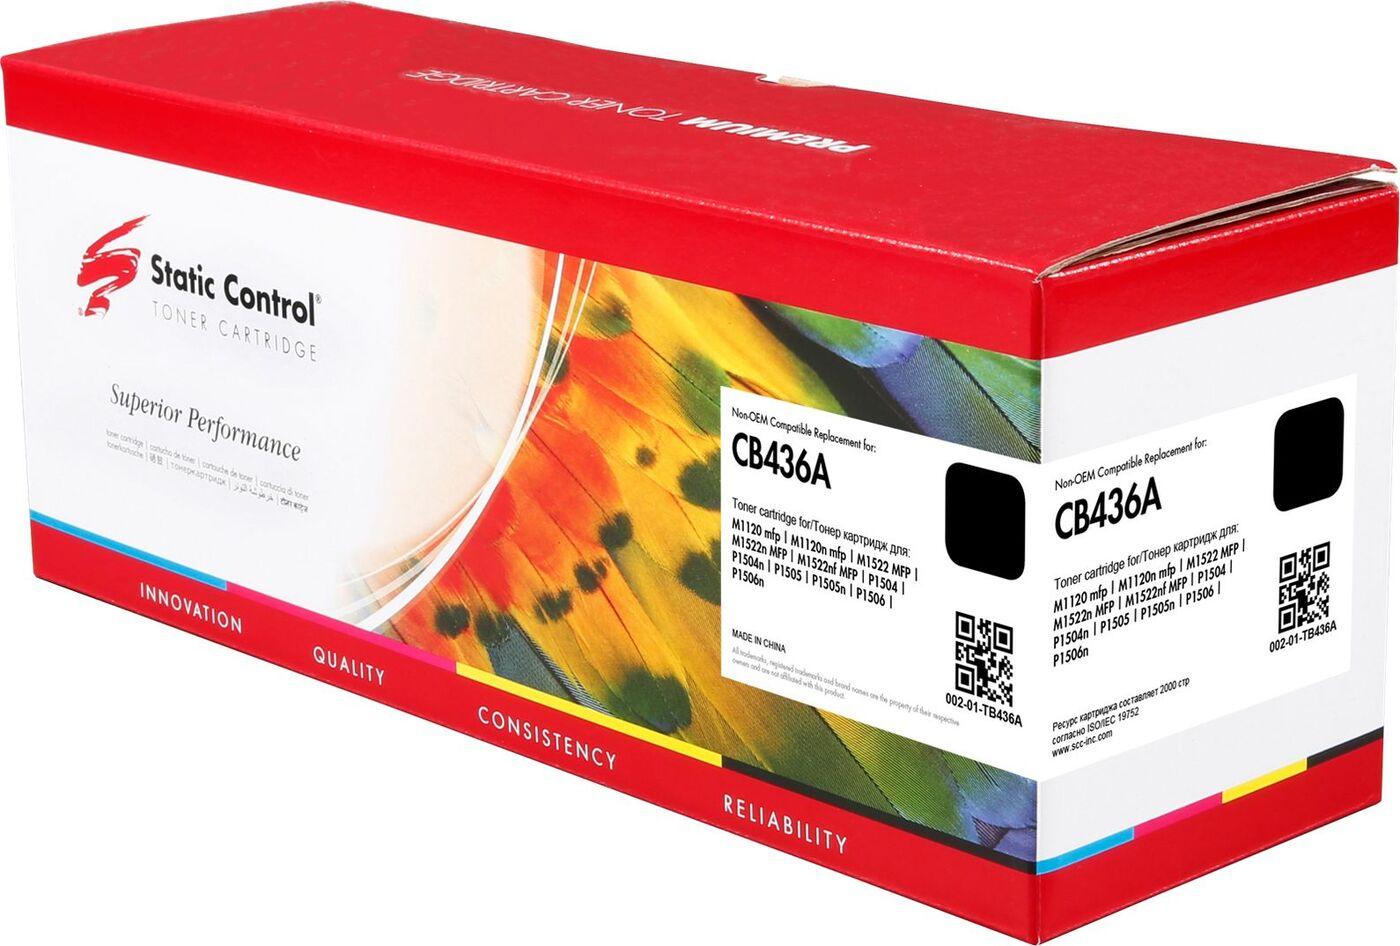 Картридж Static Control CB436A, черный, для лазерного принтера картридж profiline pl cb435a cb436a для hp lj p1005 p1006 p1007 p1008 p1505 p1505n m1120 m1120n m1522nf m1522n 2000стр